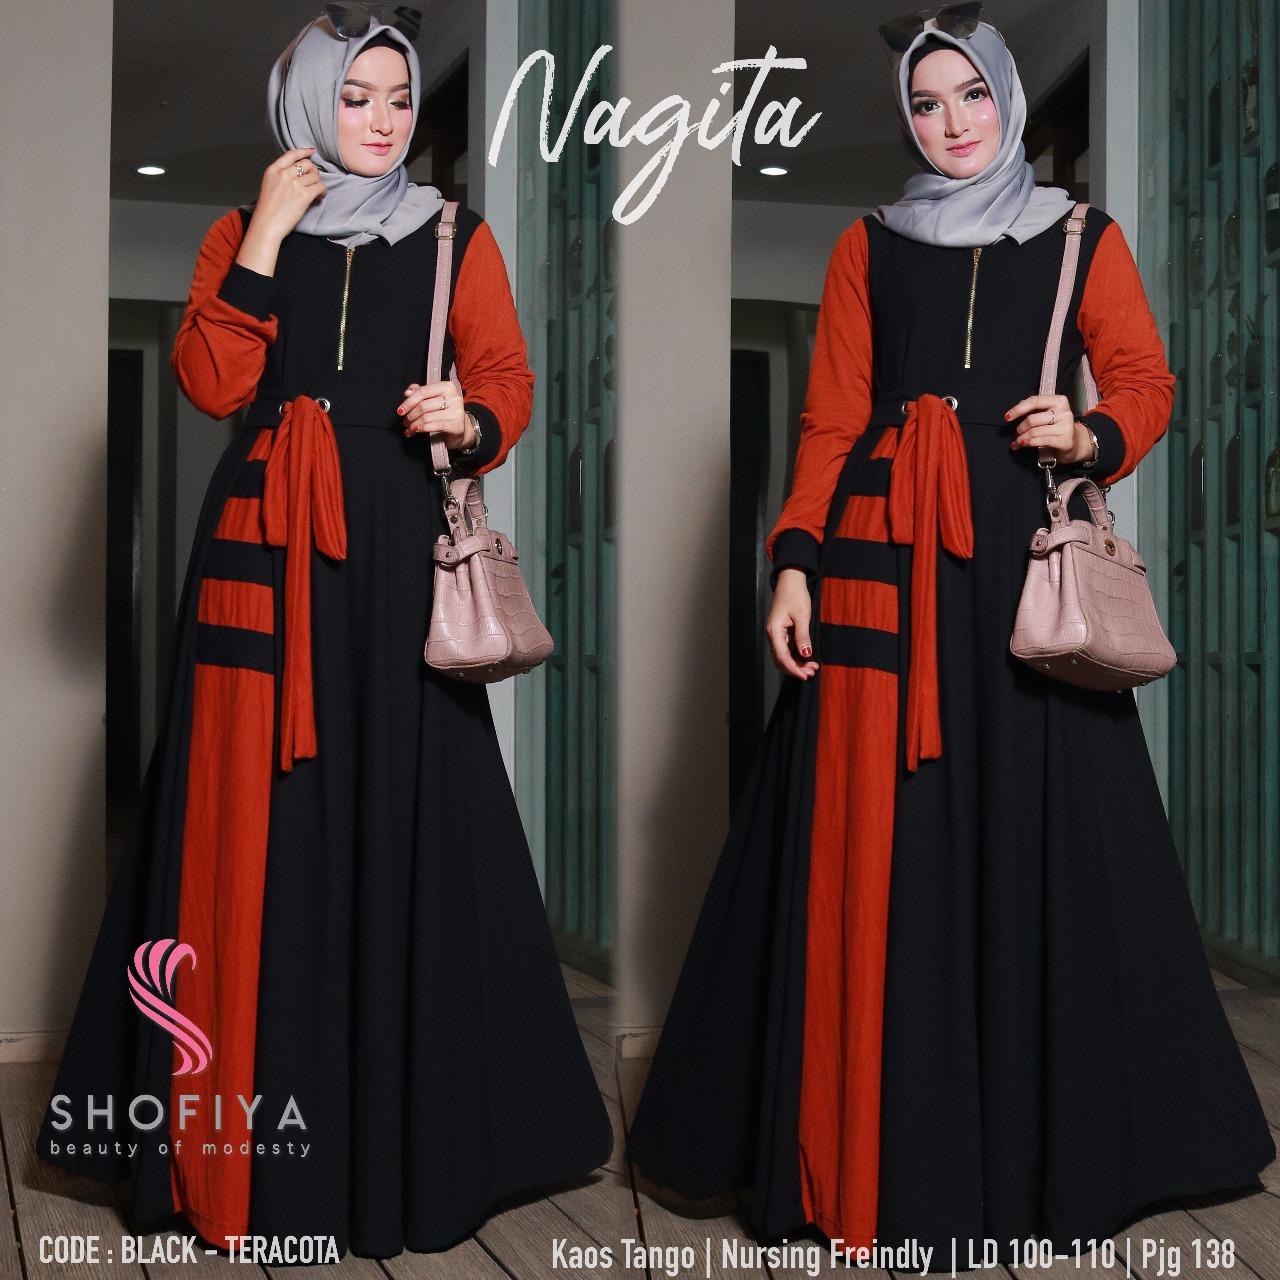 0813 3360 8266 Jual Dress Nagita Shofiya